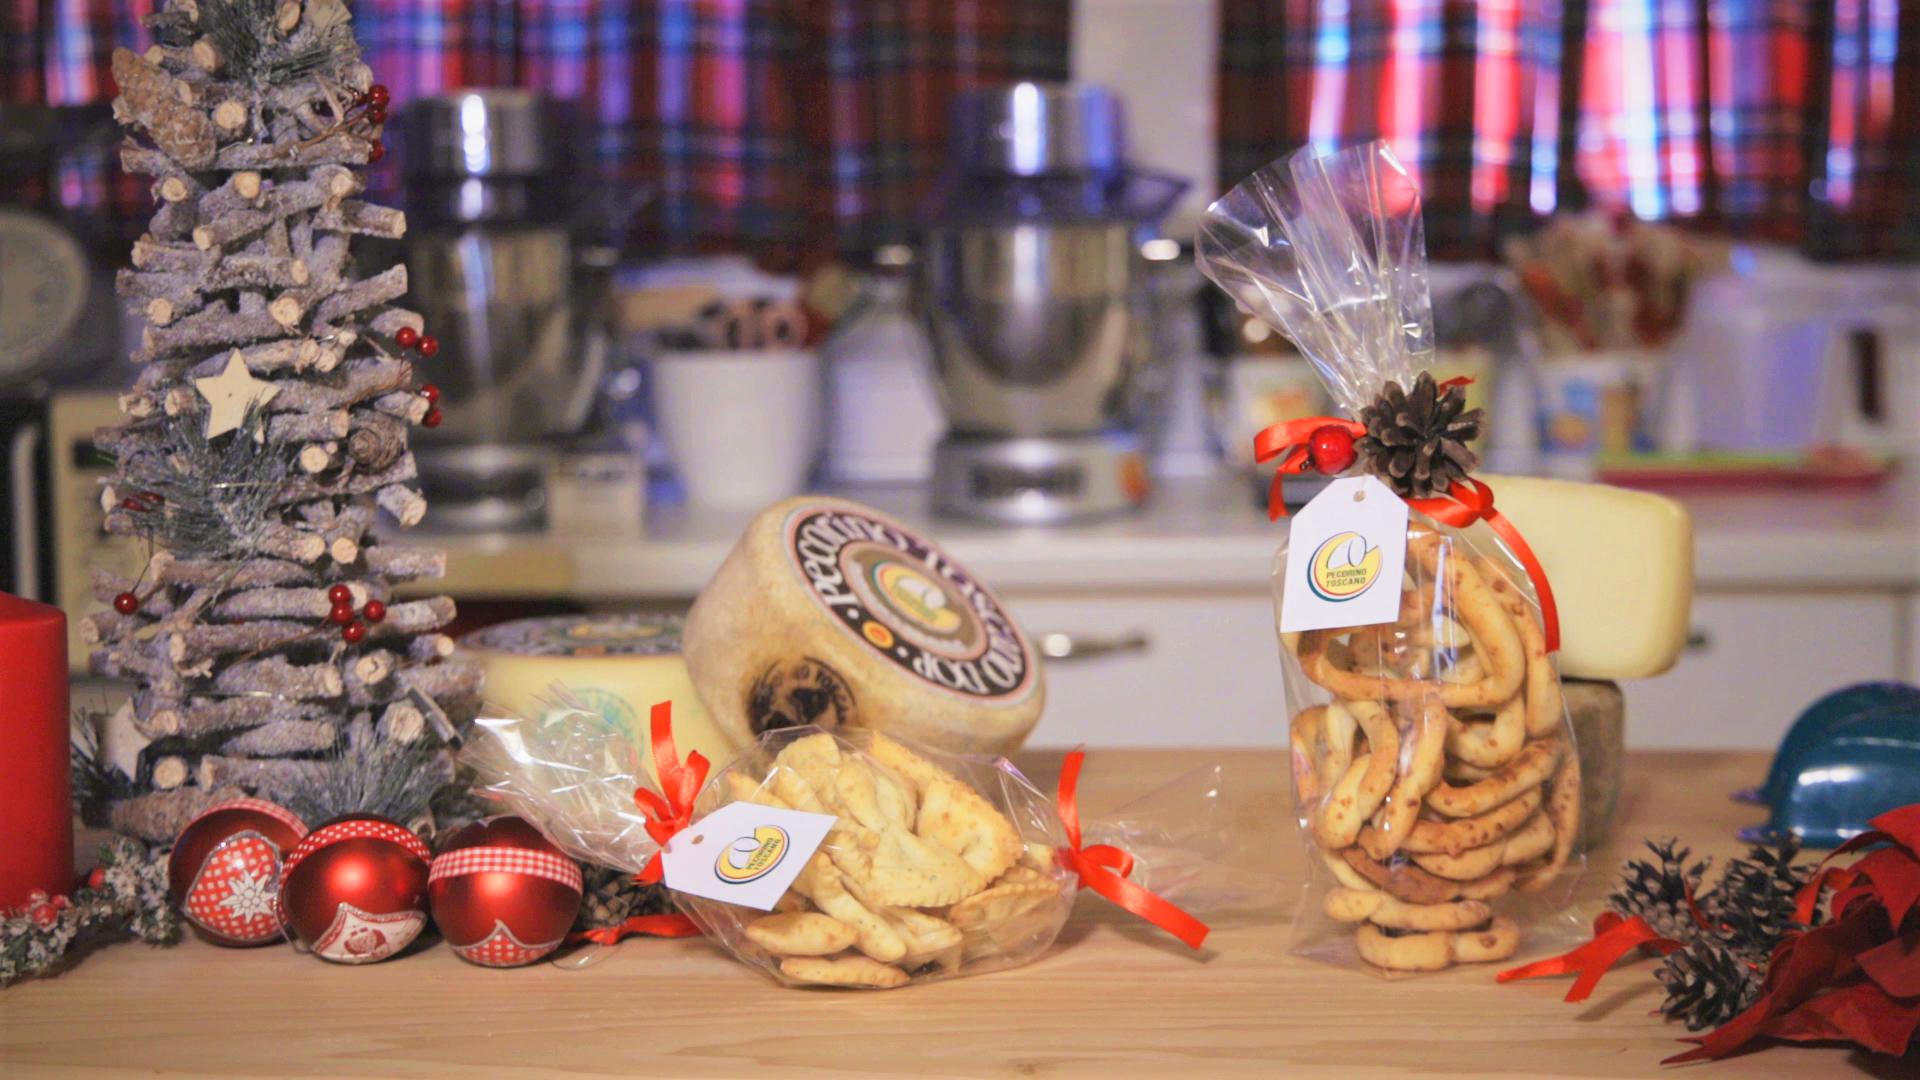 Antipasti Di Natale Toscani.Farfalle Crackers Al Pecorino Toscano Dop L Aperitivo Di Natale Leggero E Stuzzicante